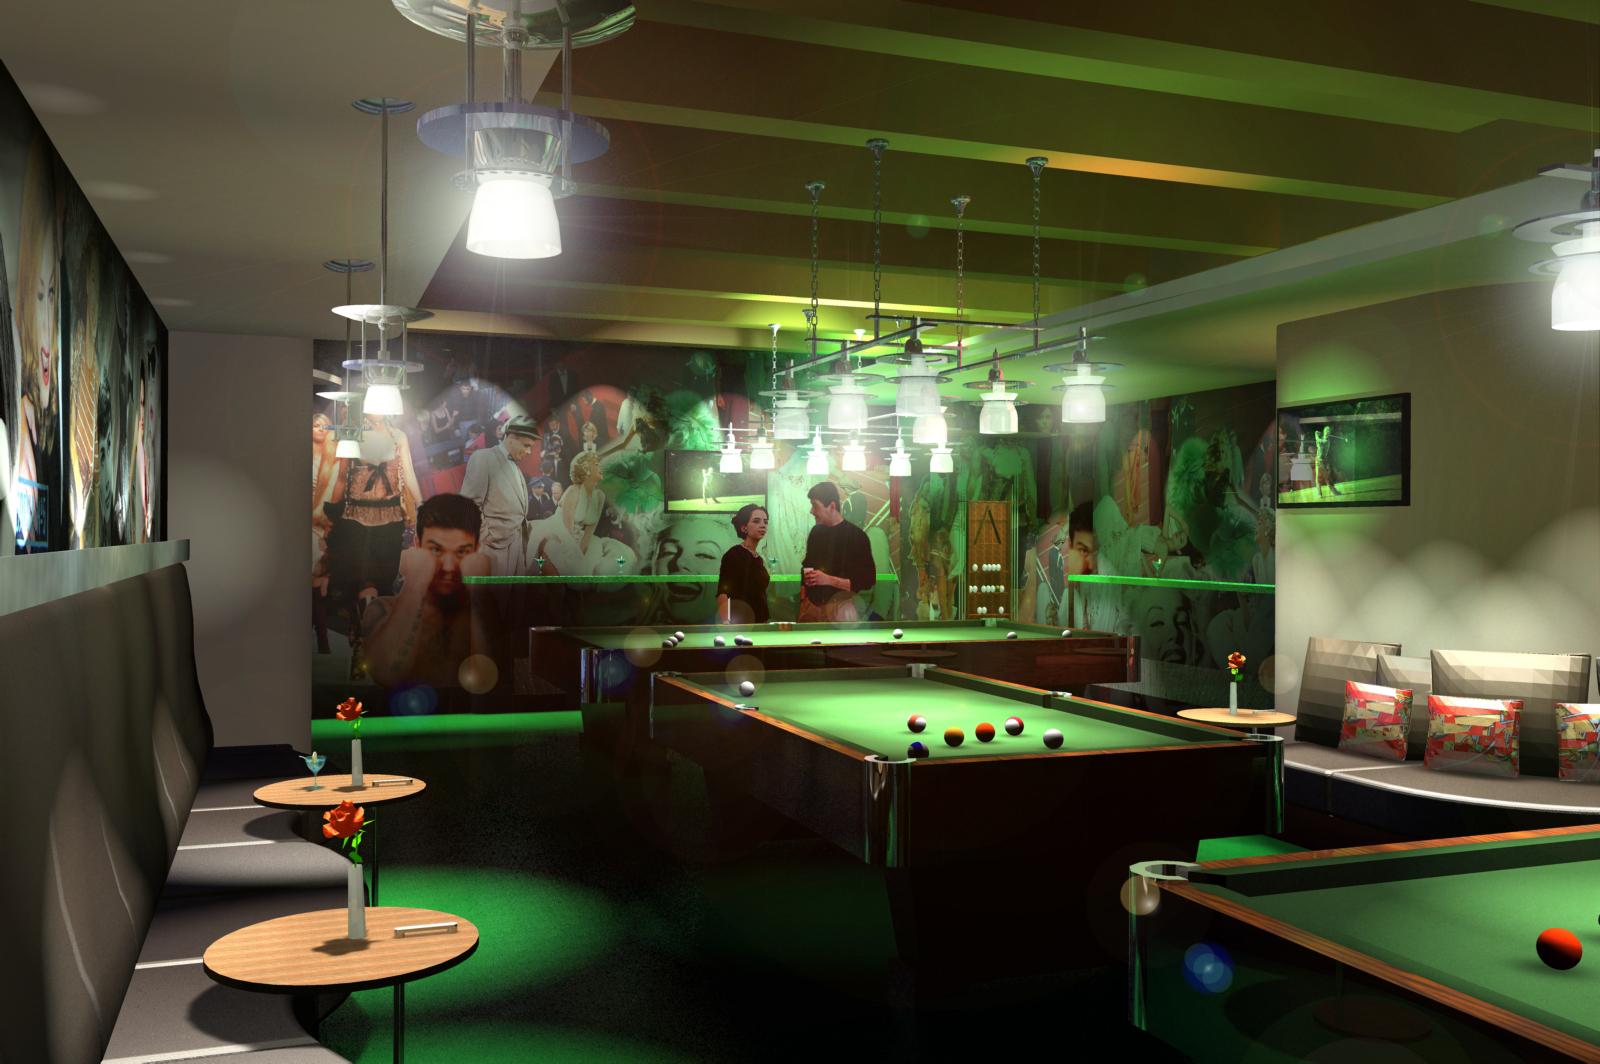 Кафе-клуб, интерьер, дизайн, бильярд